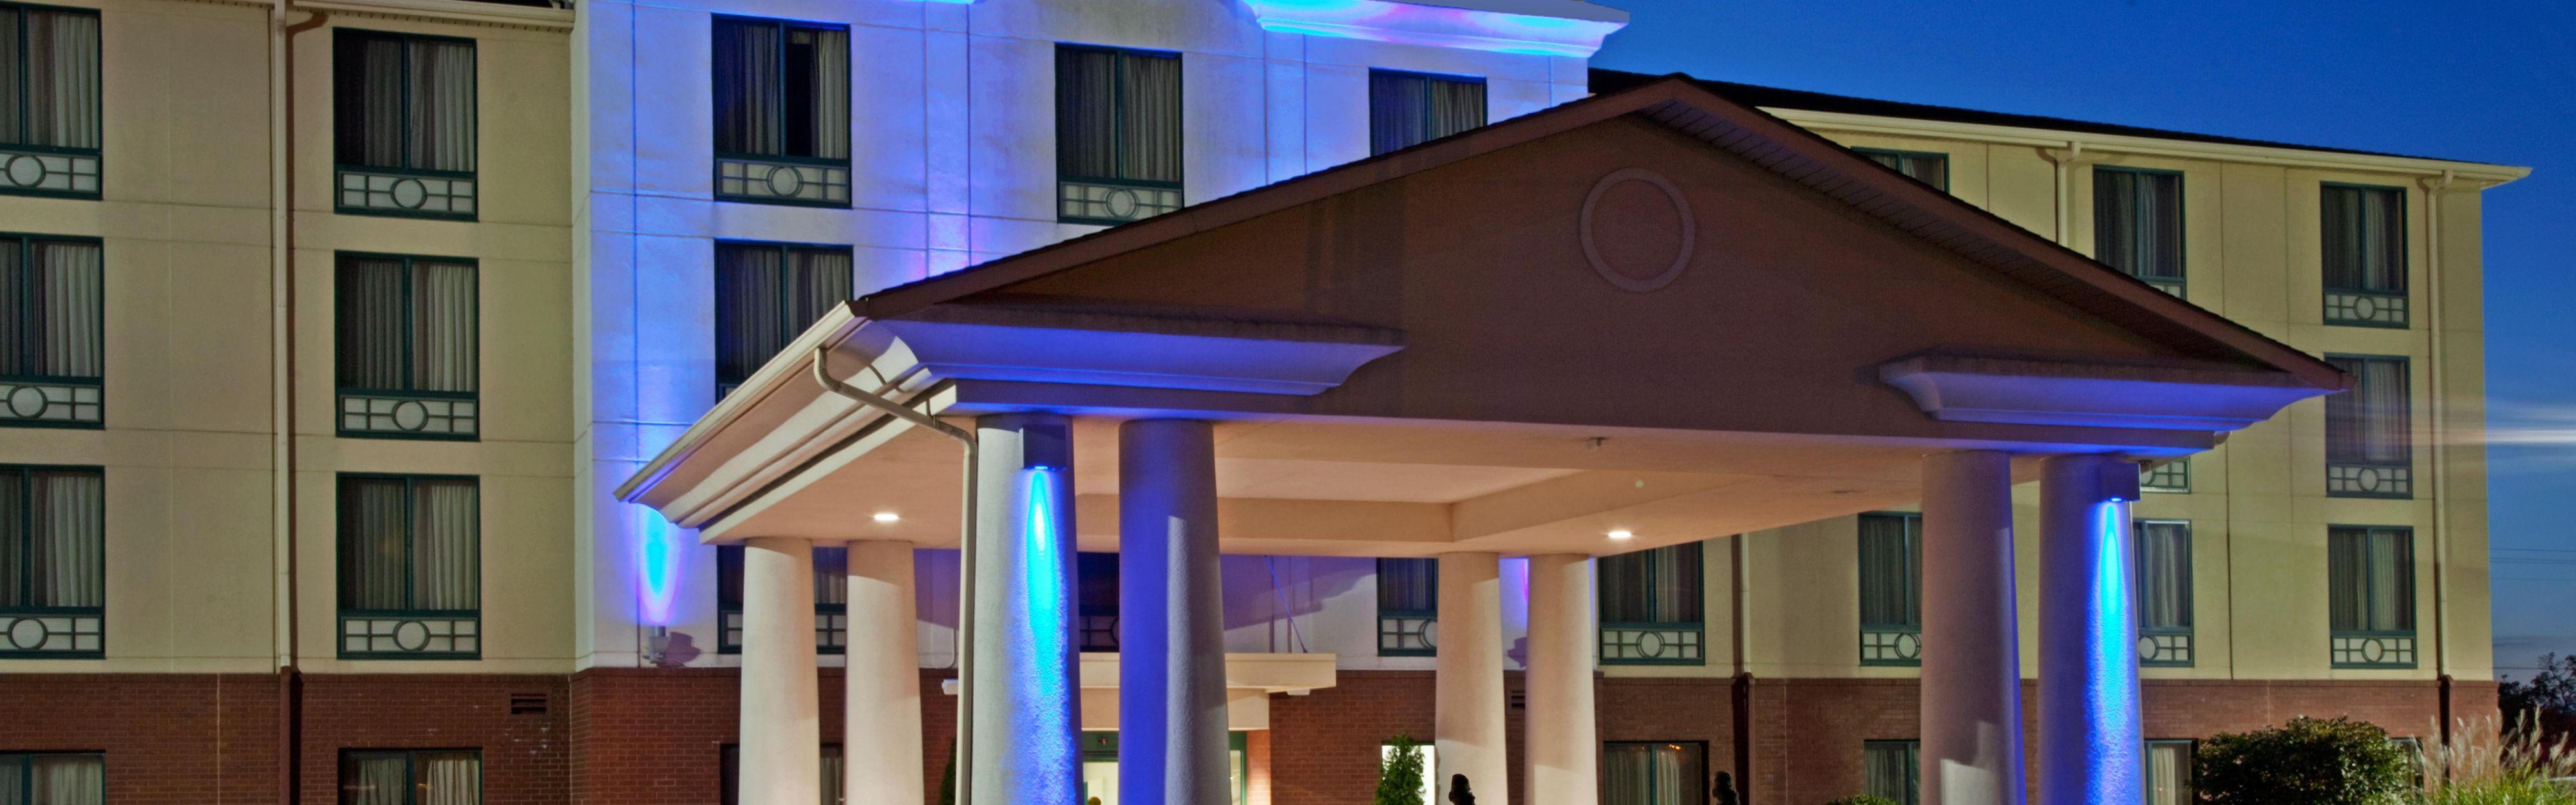 Holiday Inn Express Murray image 0